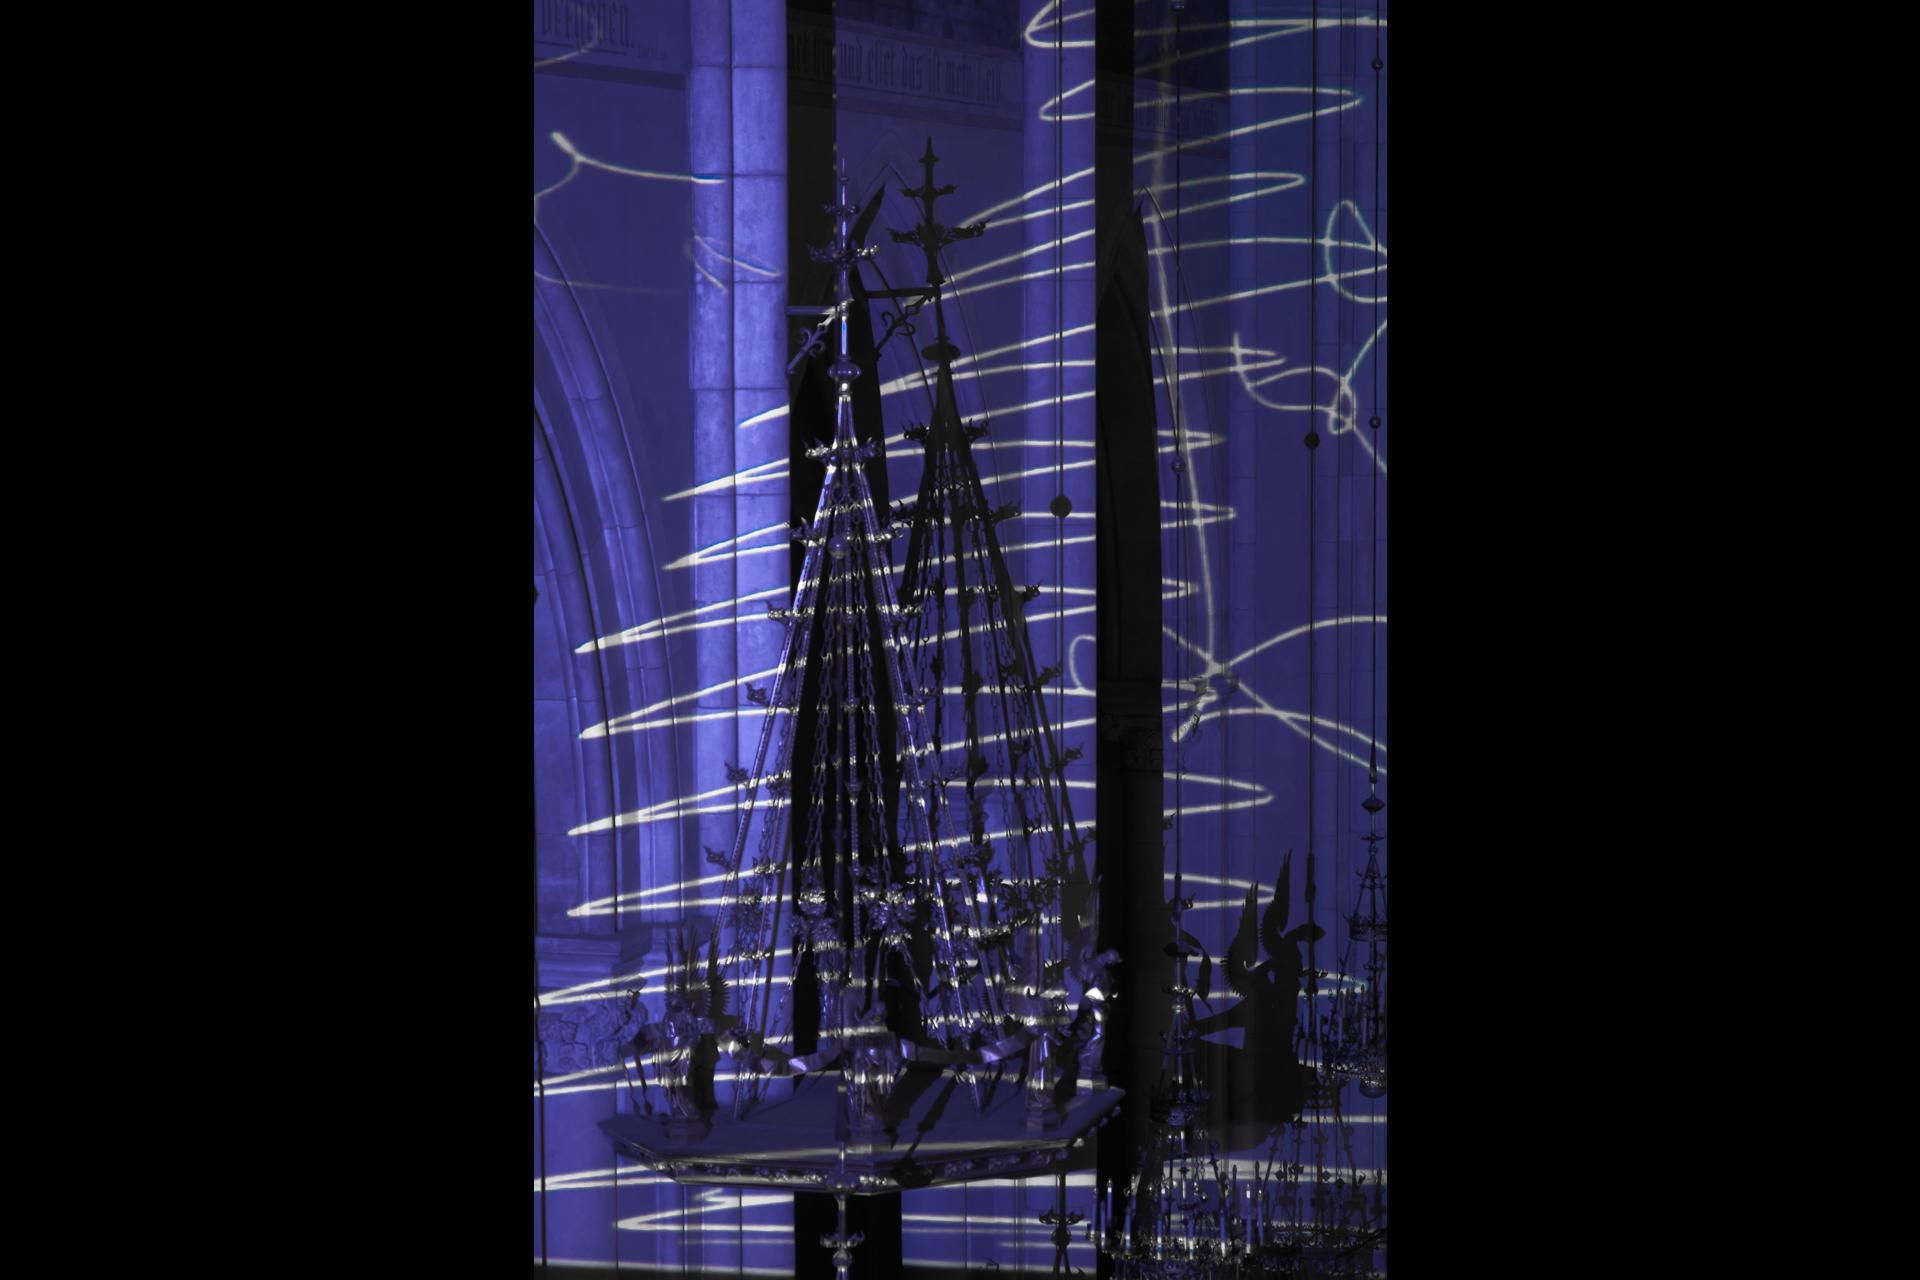 Lightscapes - Herz-Jesu-Kirche Graz - Lange Nacht der Kirchen